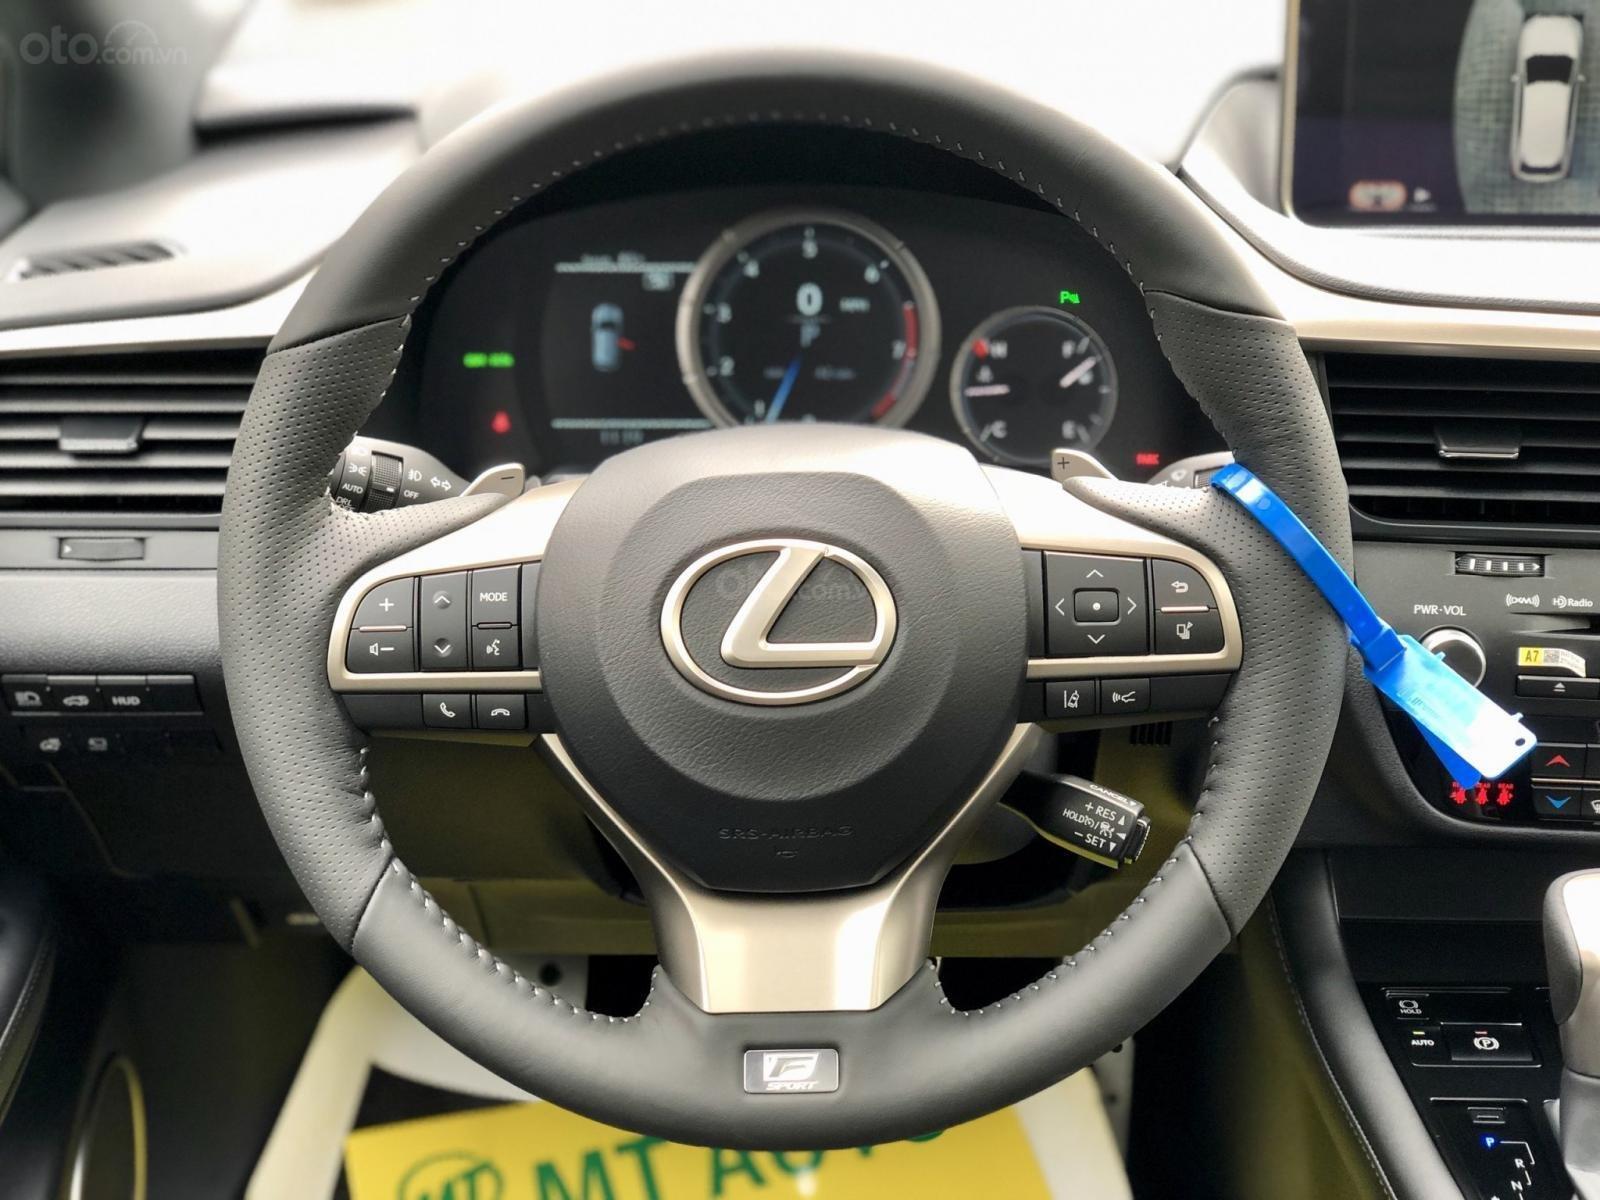 Bán Lexus RX 350 F Sport model 2020, màu trắng, nhập khẩu Mỹ, Mr Huân 0981.0101.61 (4)